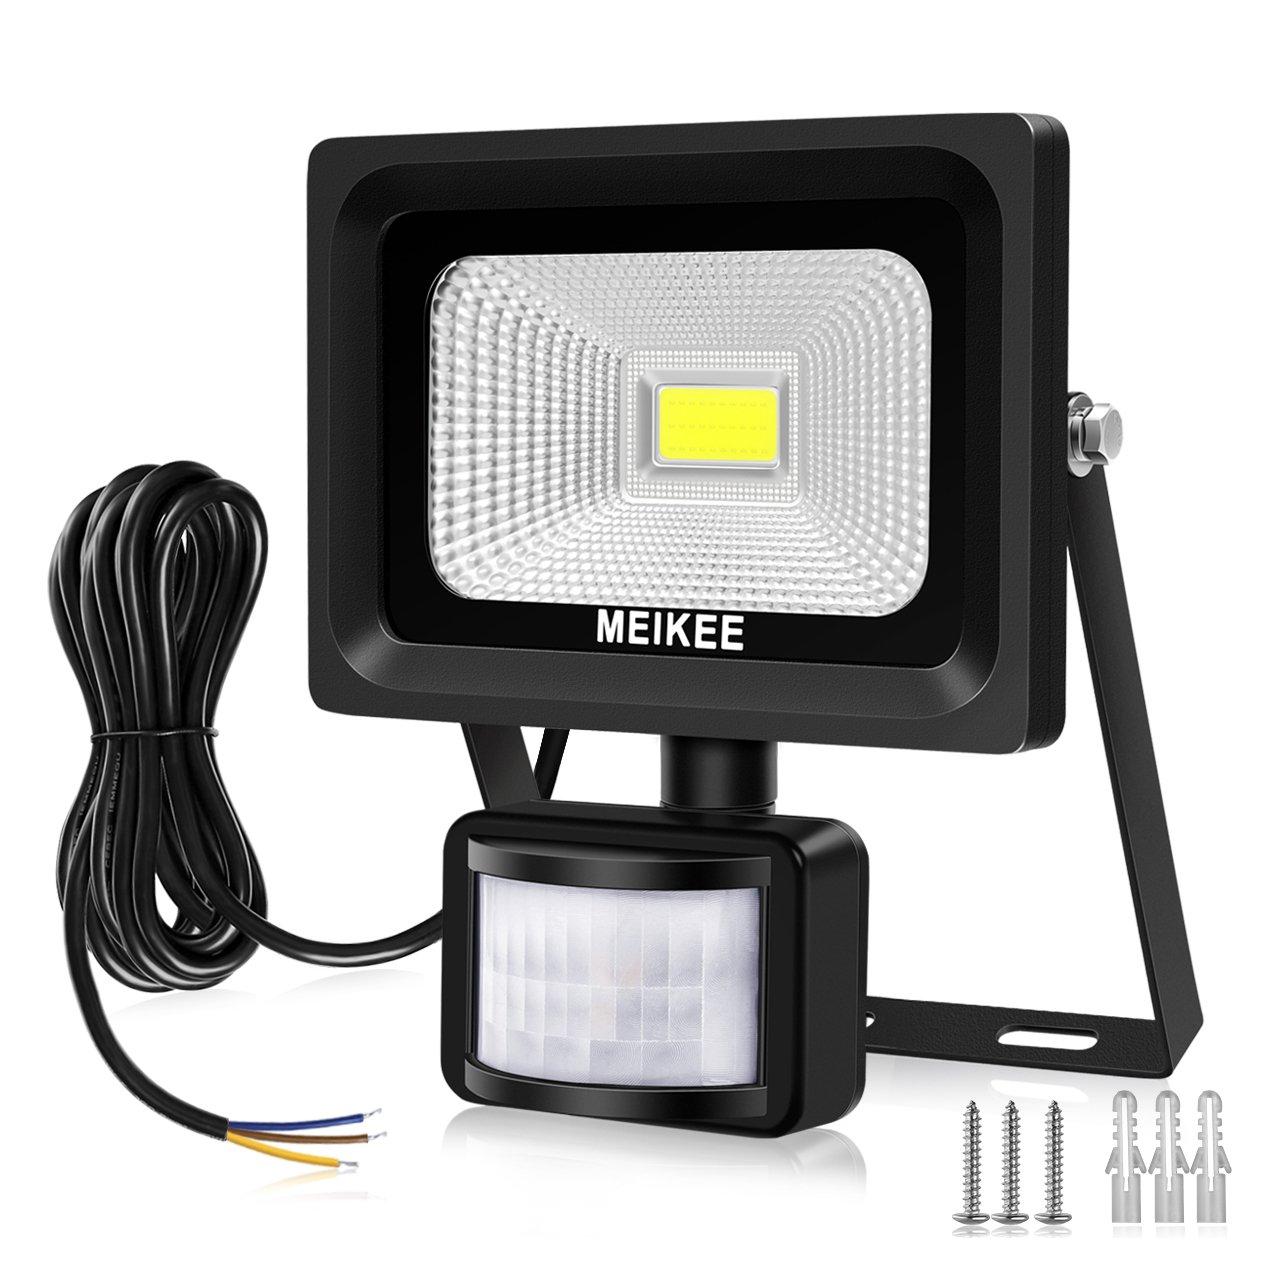 Projecteur LED avec Détecteur de Mouvement MEIKEE 10W, 1000lumen Luminaire de Sensibilité, Eclairage Extérieur IP66 résiste à l'eau, Lumière de Sécurité pour le jardin, la cour, le garage, le terrain de sport et le couloir, etc product image